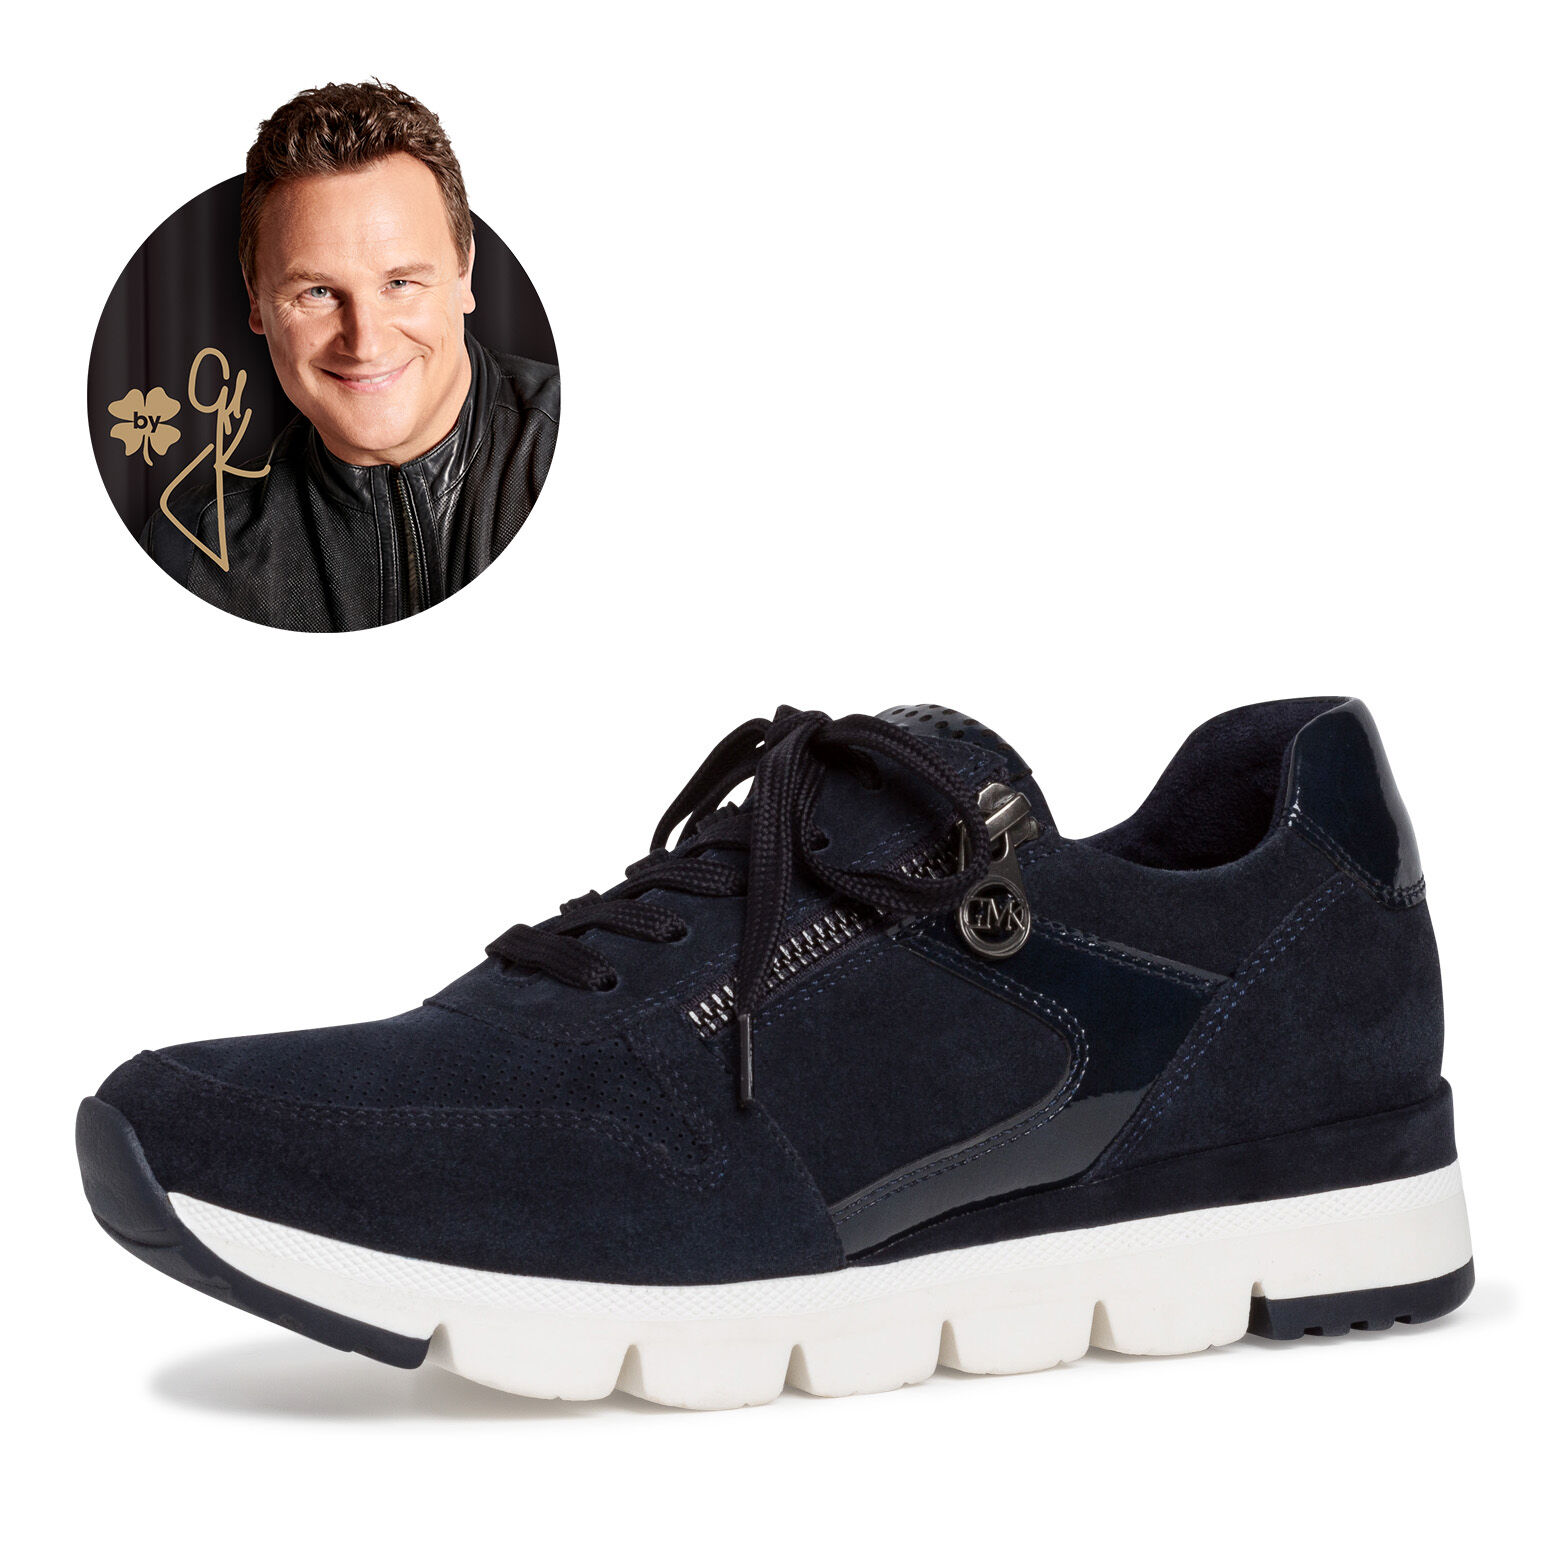 Sneaker für Damen online kaufen Marco Tozzi